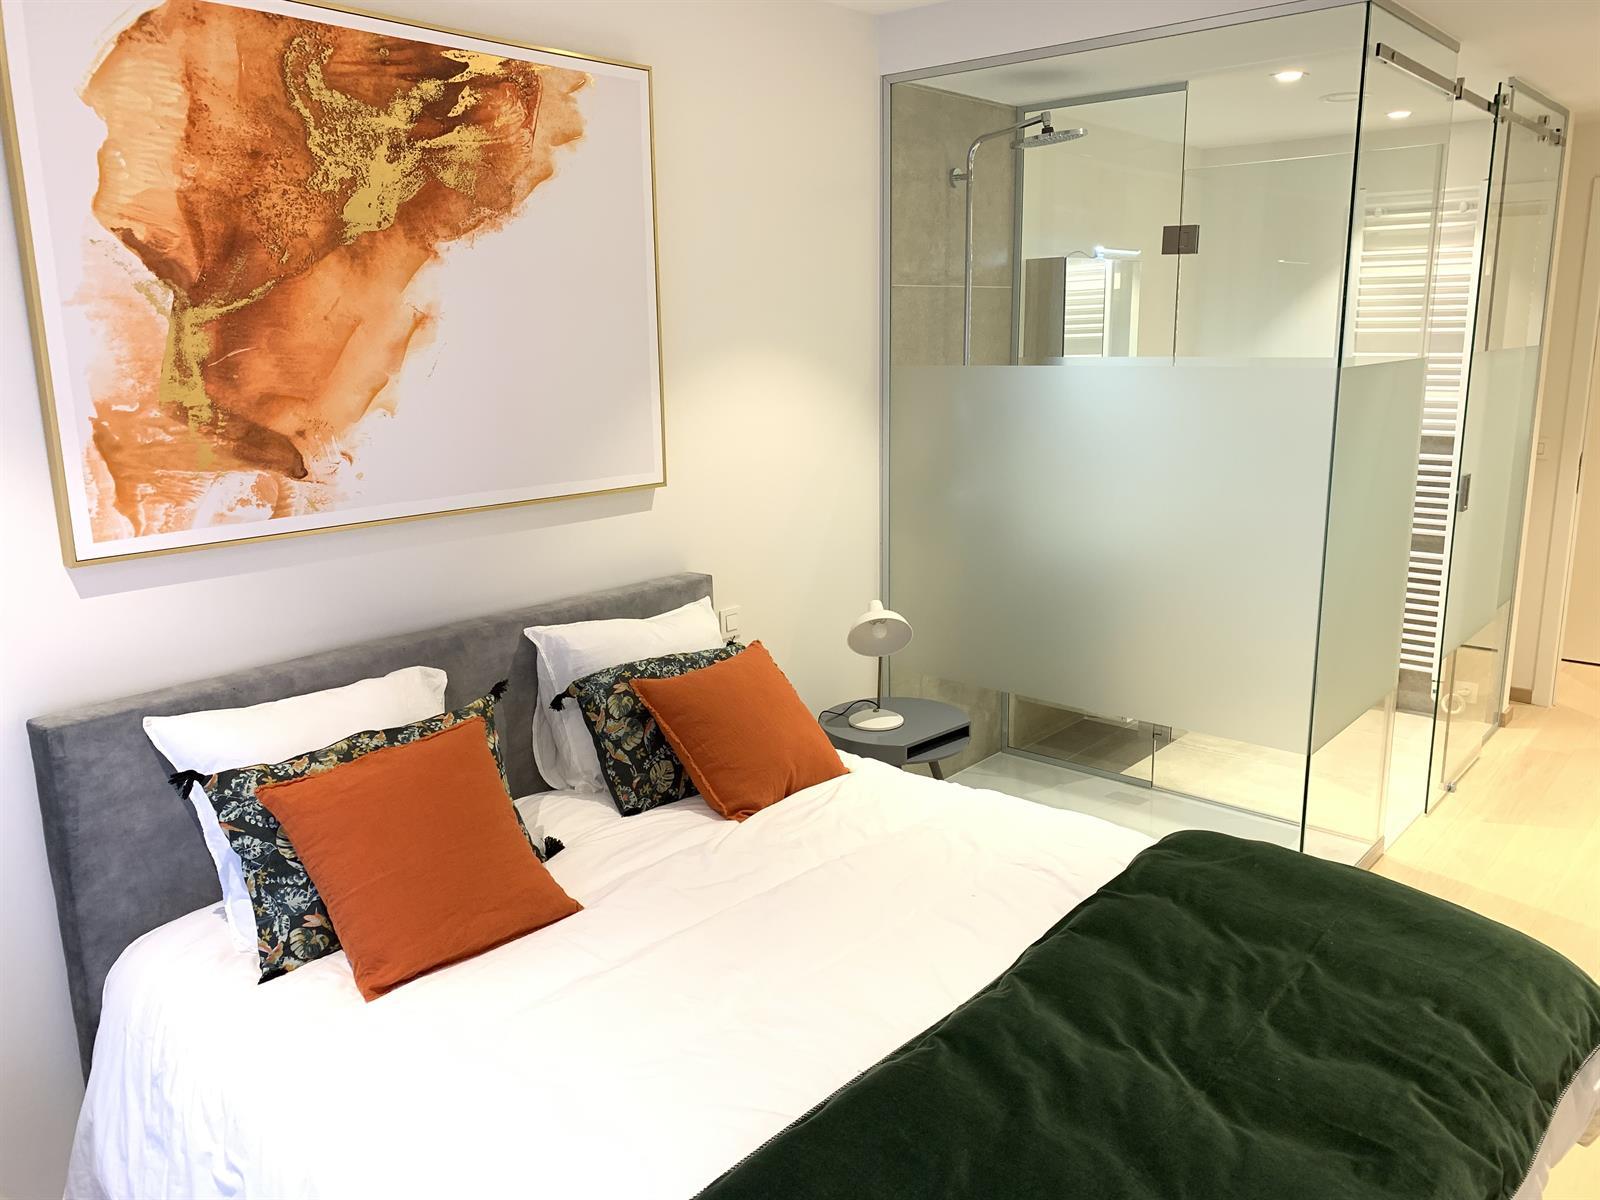 Appartement exceptionnel - Ixelles - #3929616-9